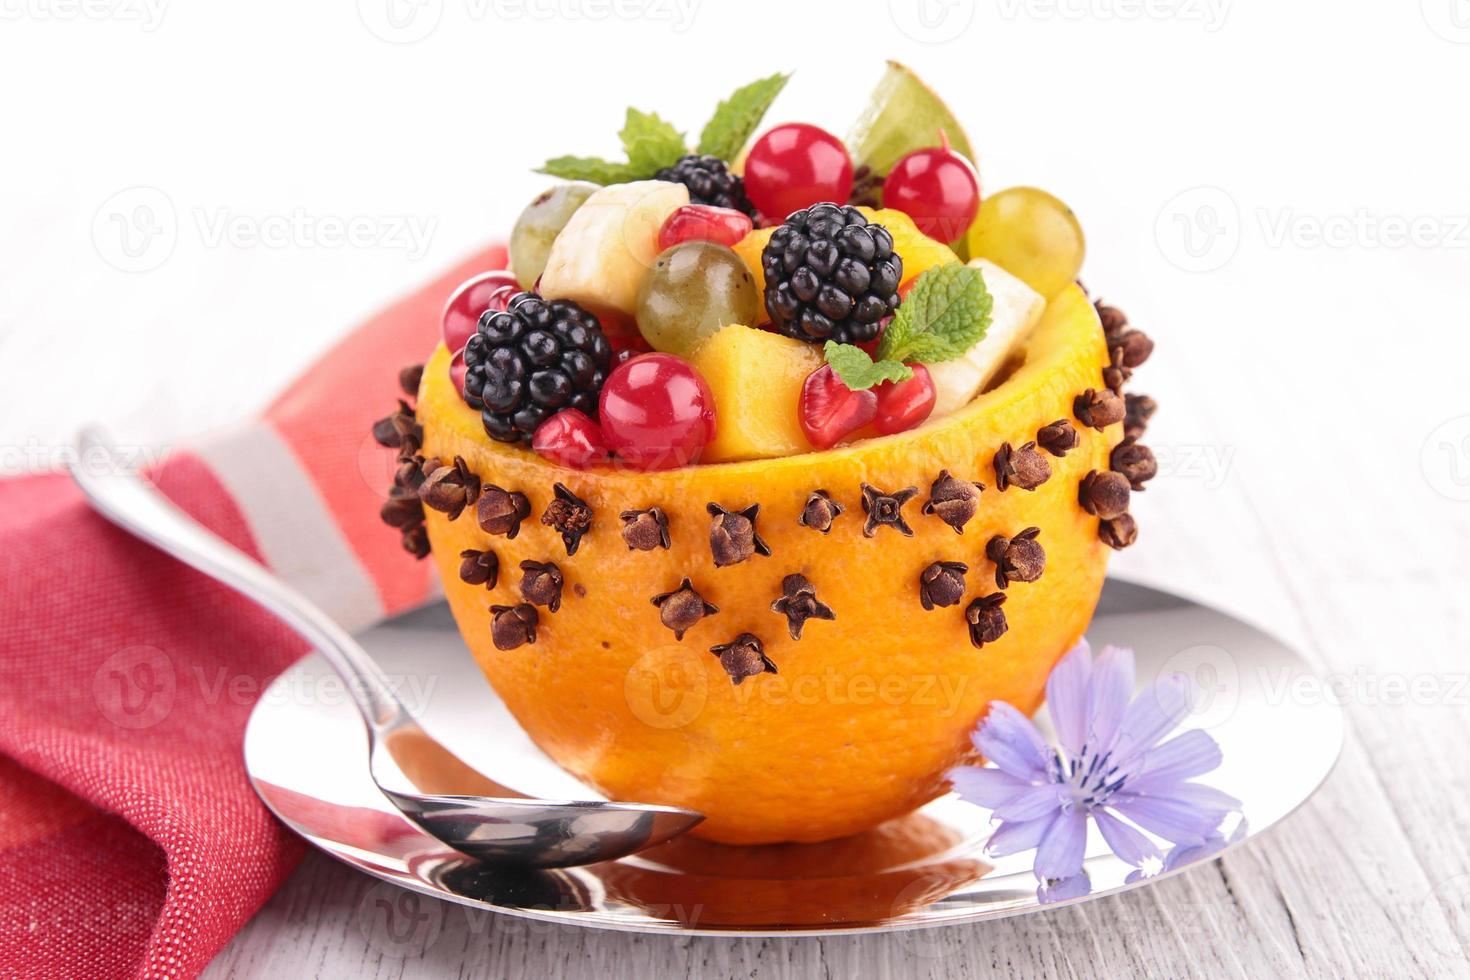 ensalada de frutas en un tazón de naranja foto